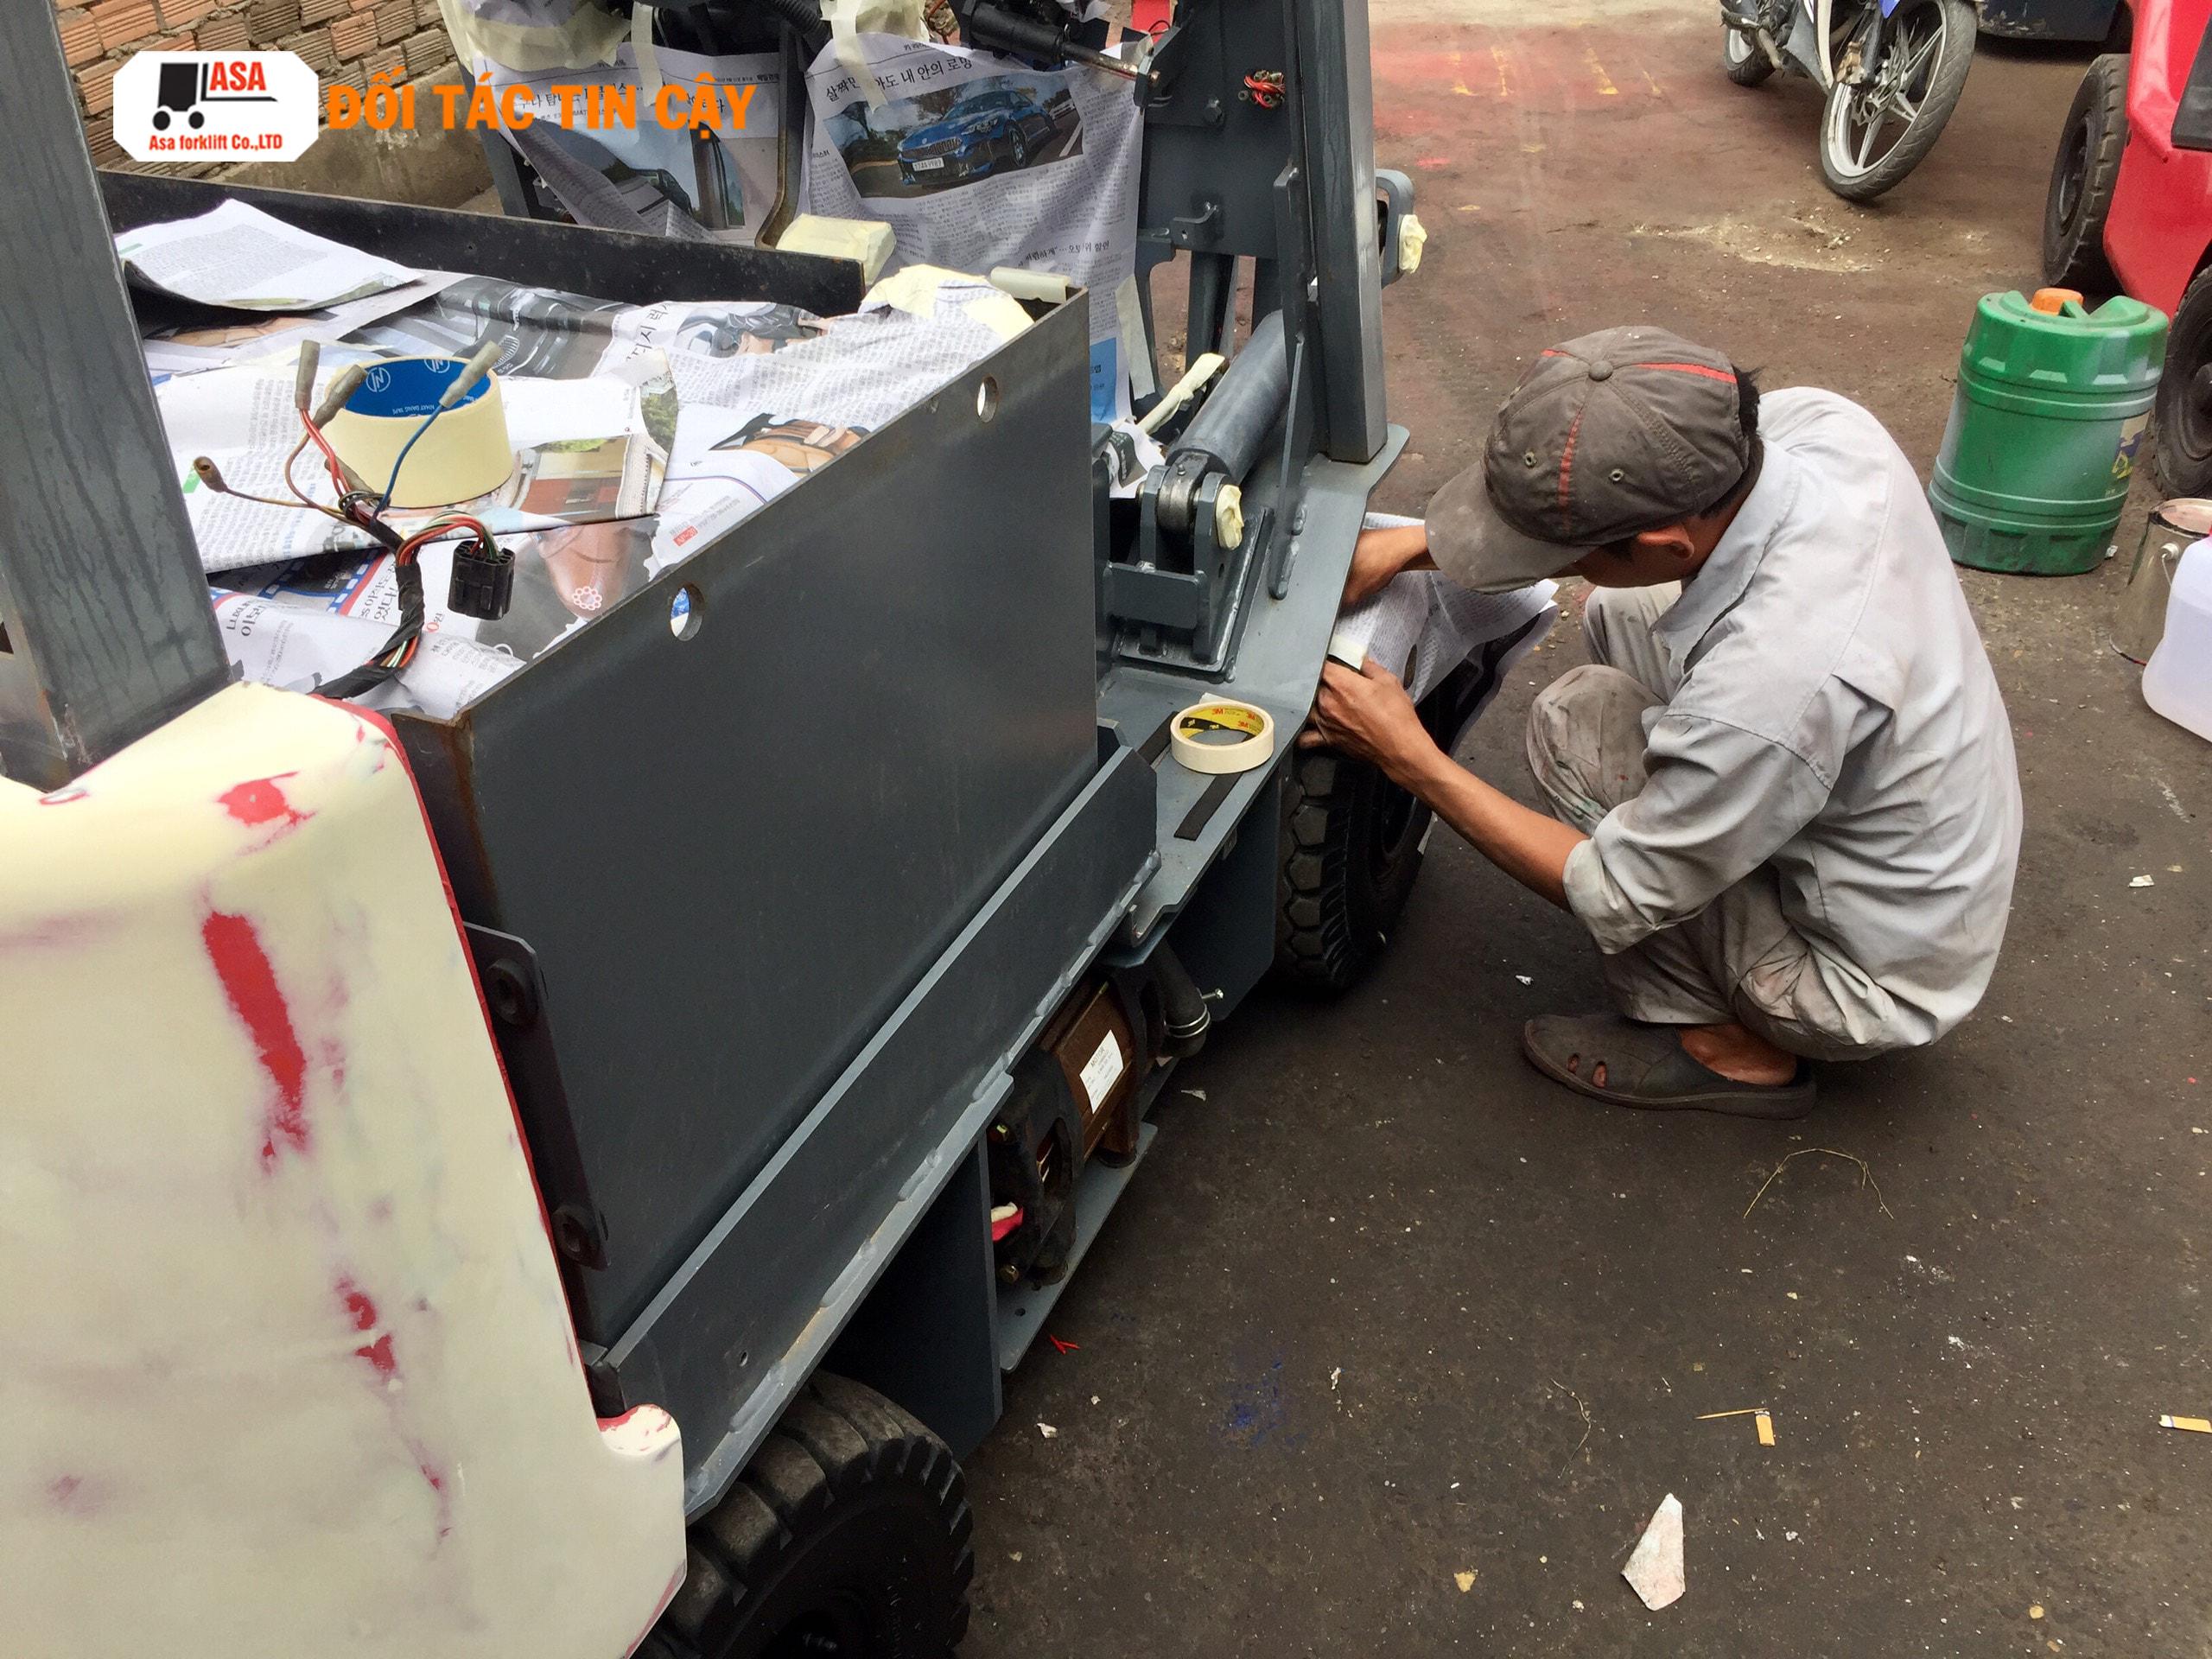 Khi sửa chữa xe nâng nếu khách có nhu cầu Asa sẽ sơn lại lớp sơn mới cho xe nâng